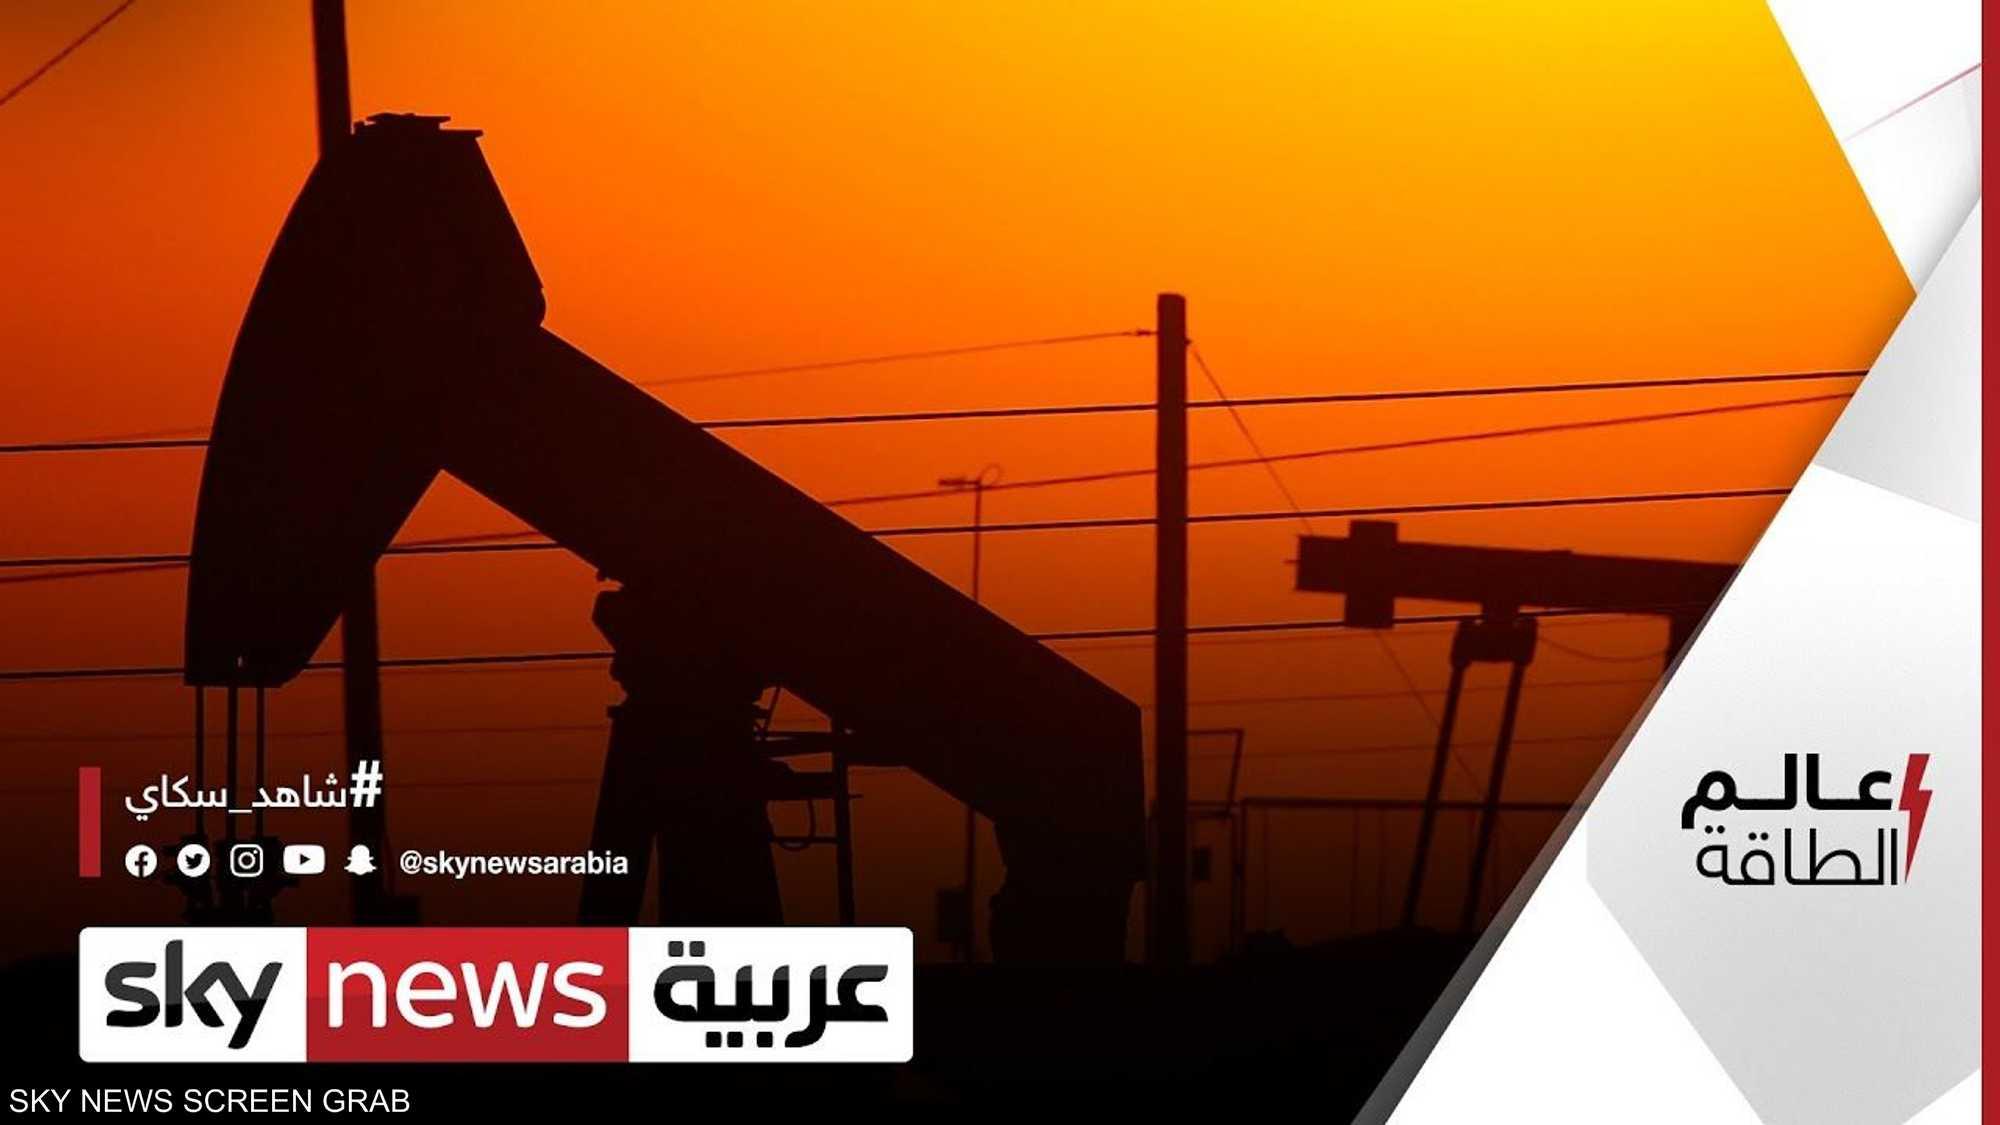 ذروة الطلب على النفط.. حقيقة أم مبالغة؟